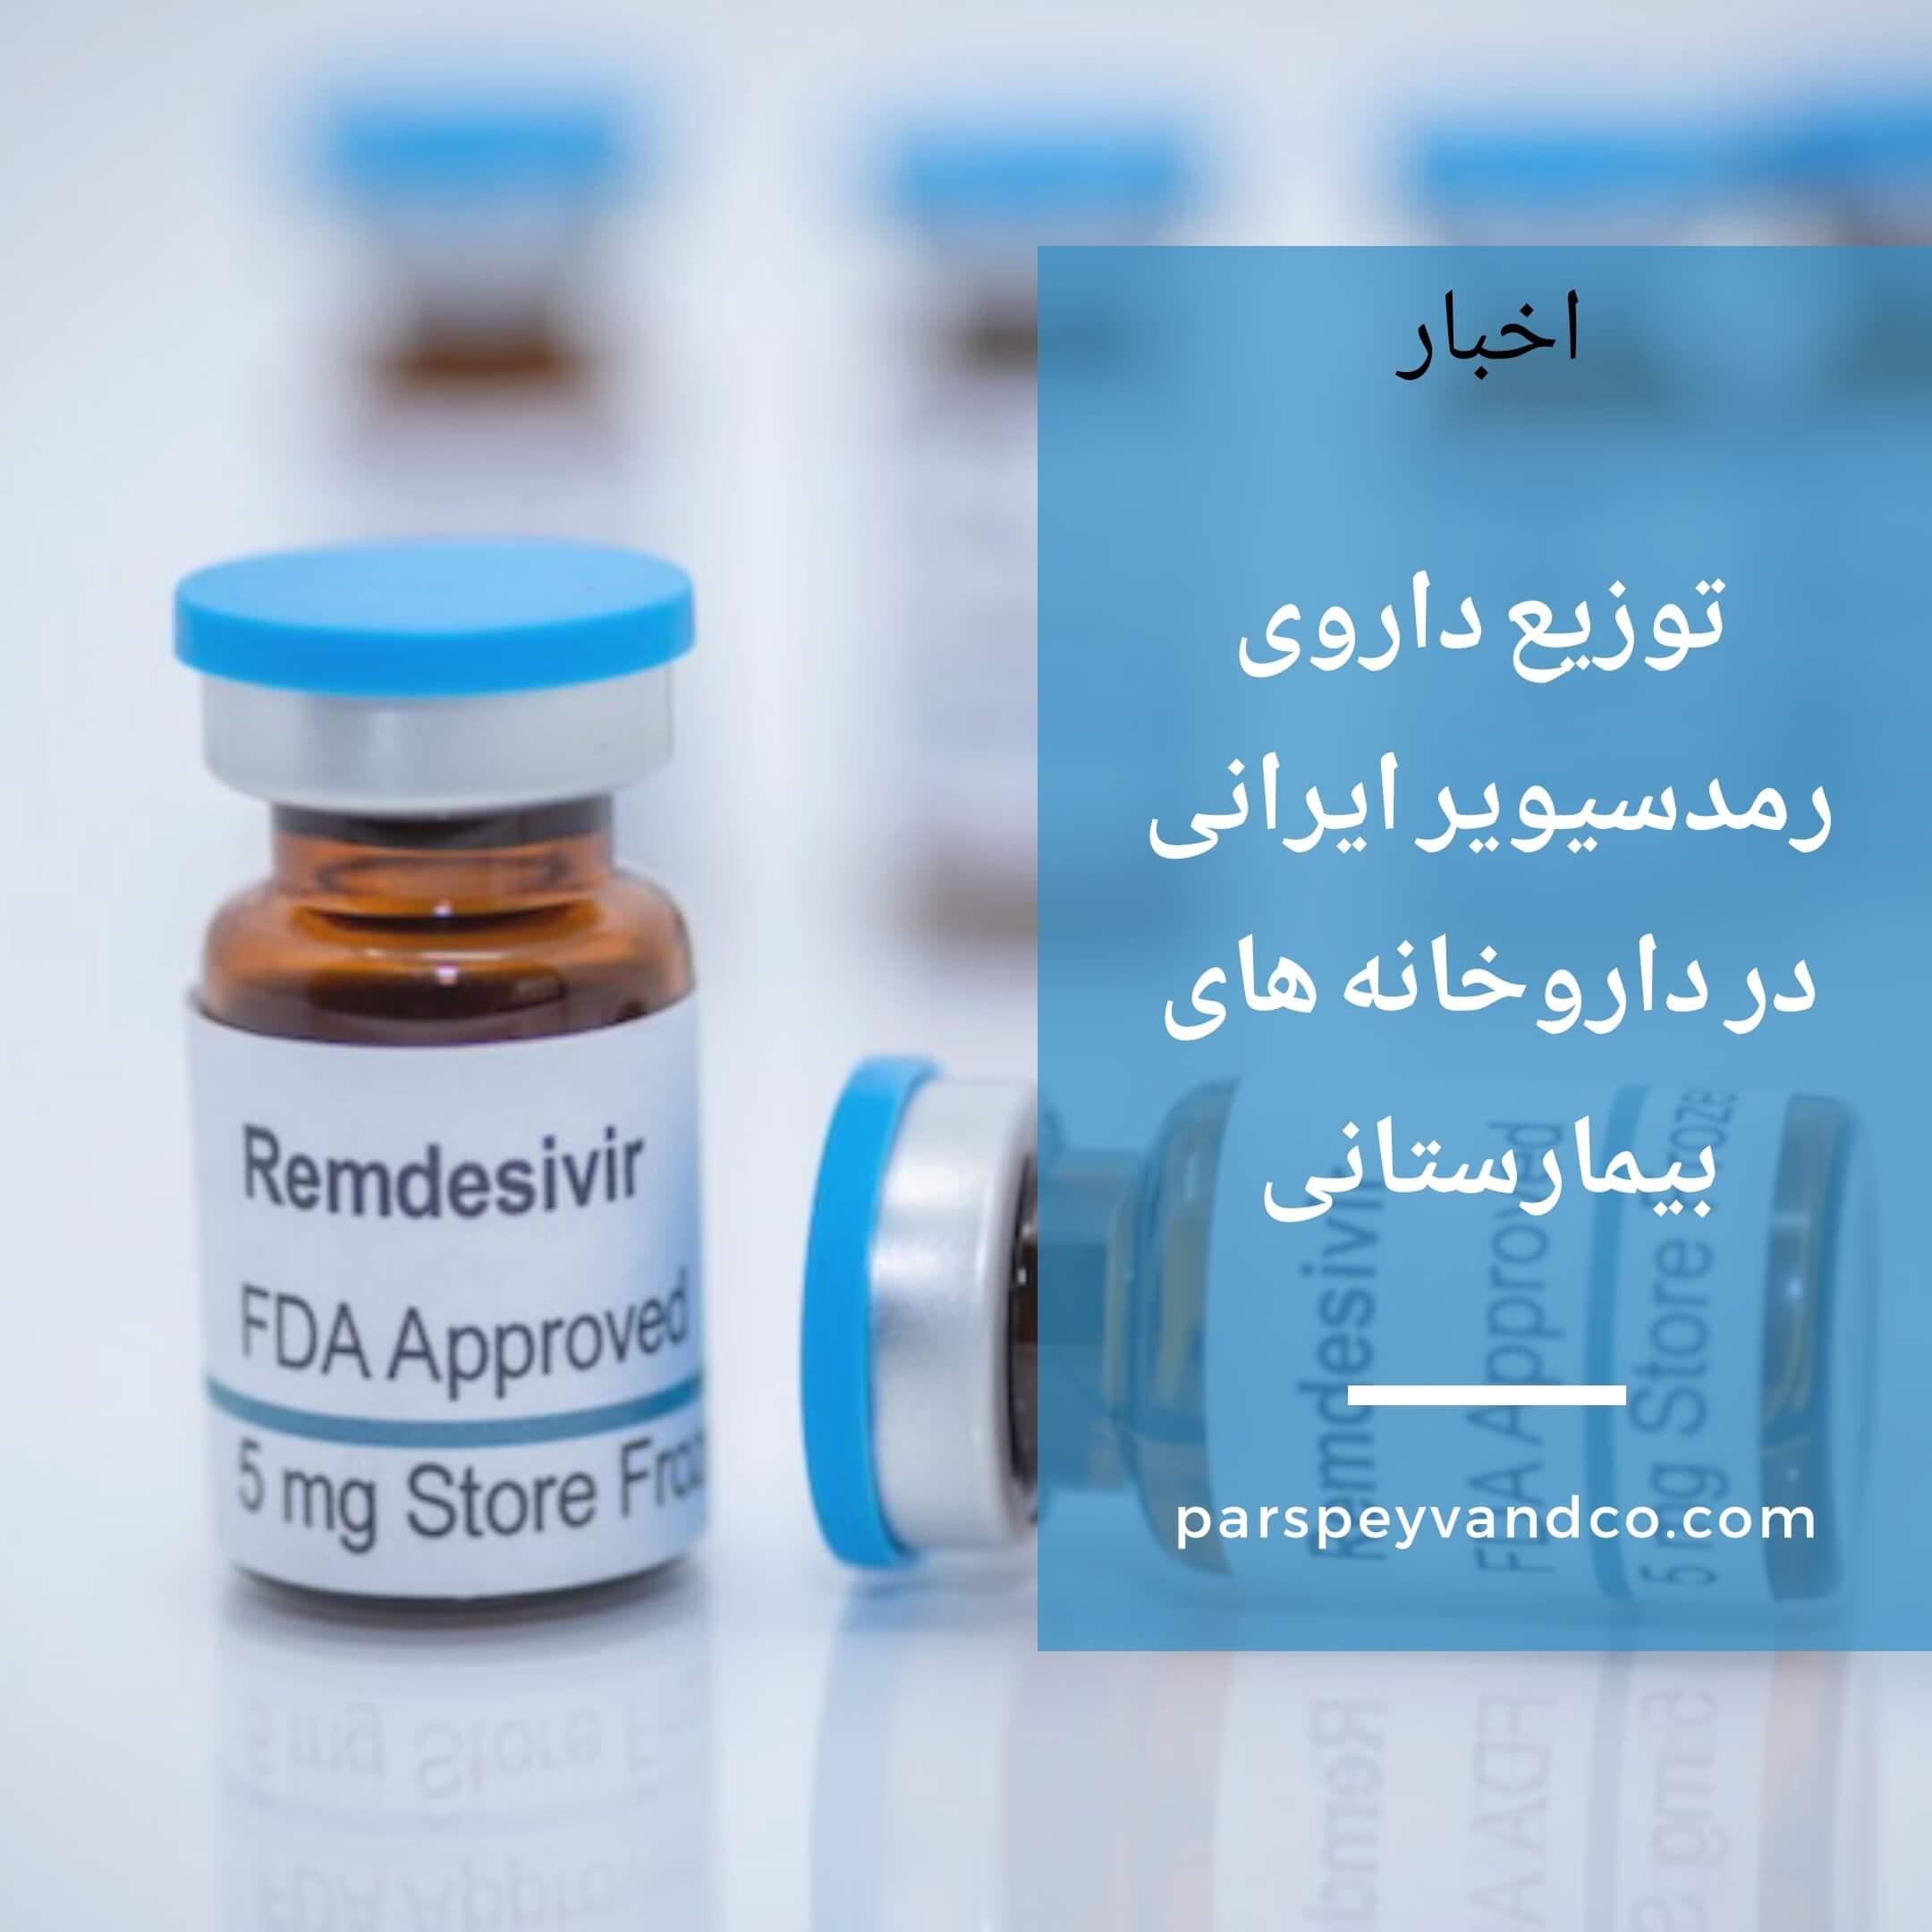 داروی رمدسیویر